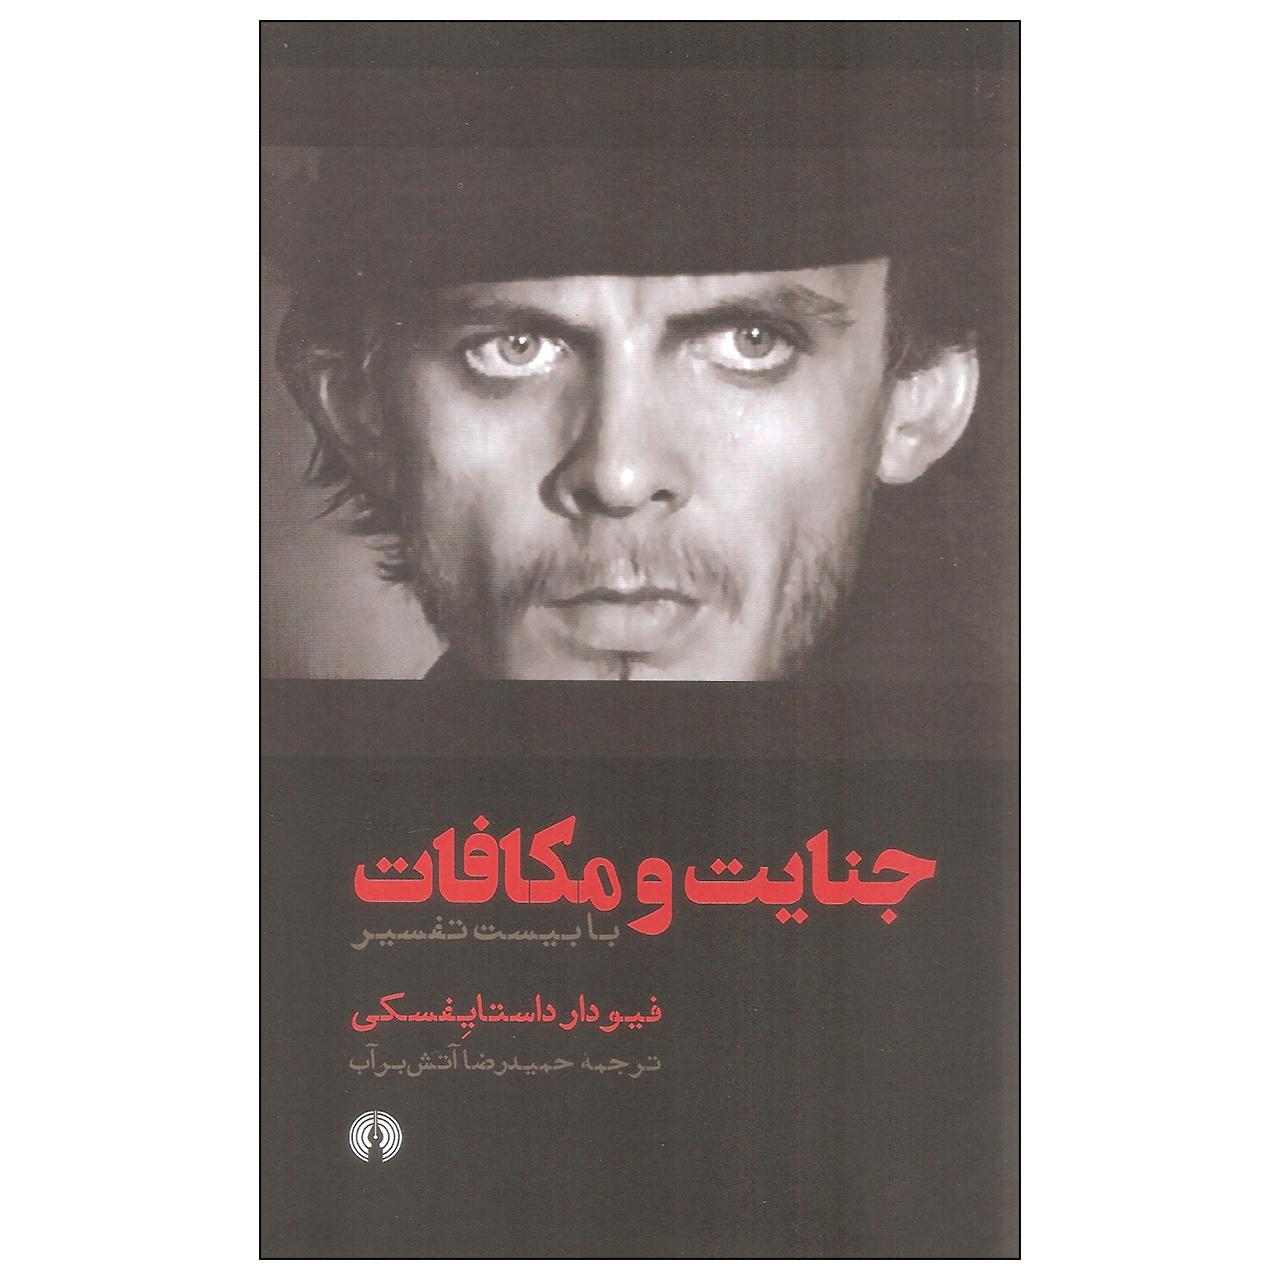 کتاب جنایت و مکافات اثر فیودار داستایفسکی نشر علمی فرهنگی دوره دو جلدی